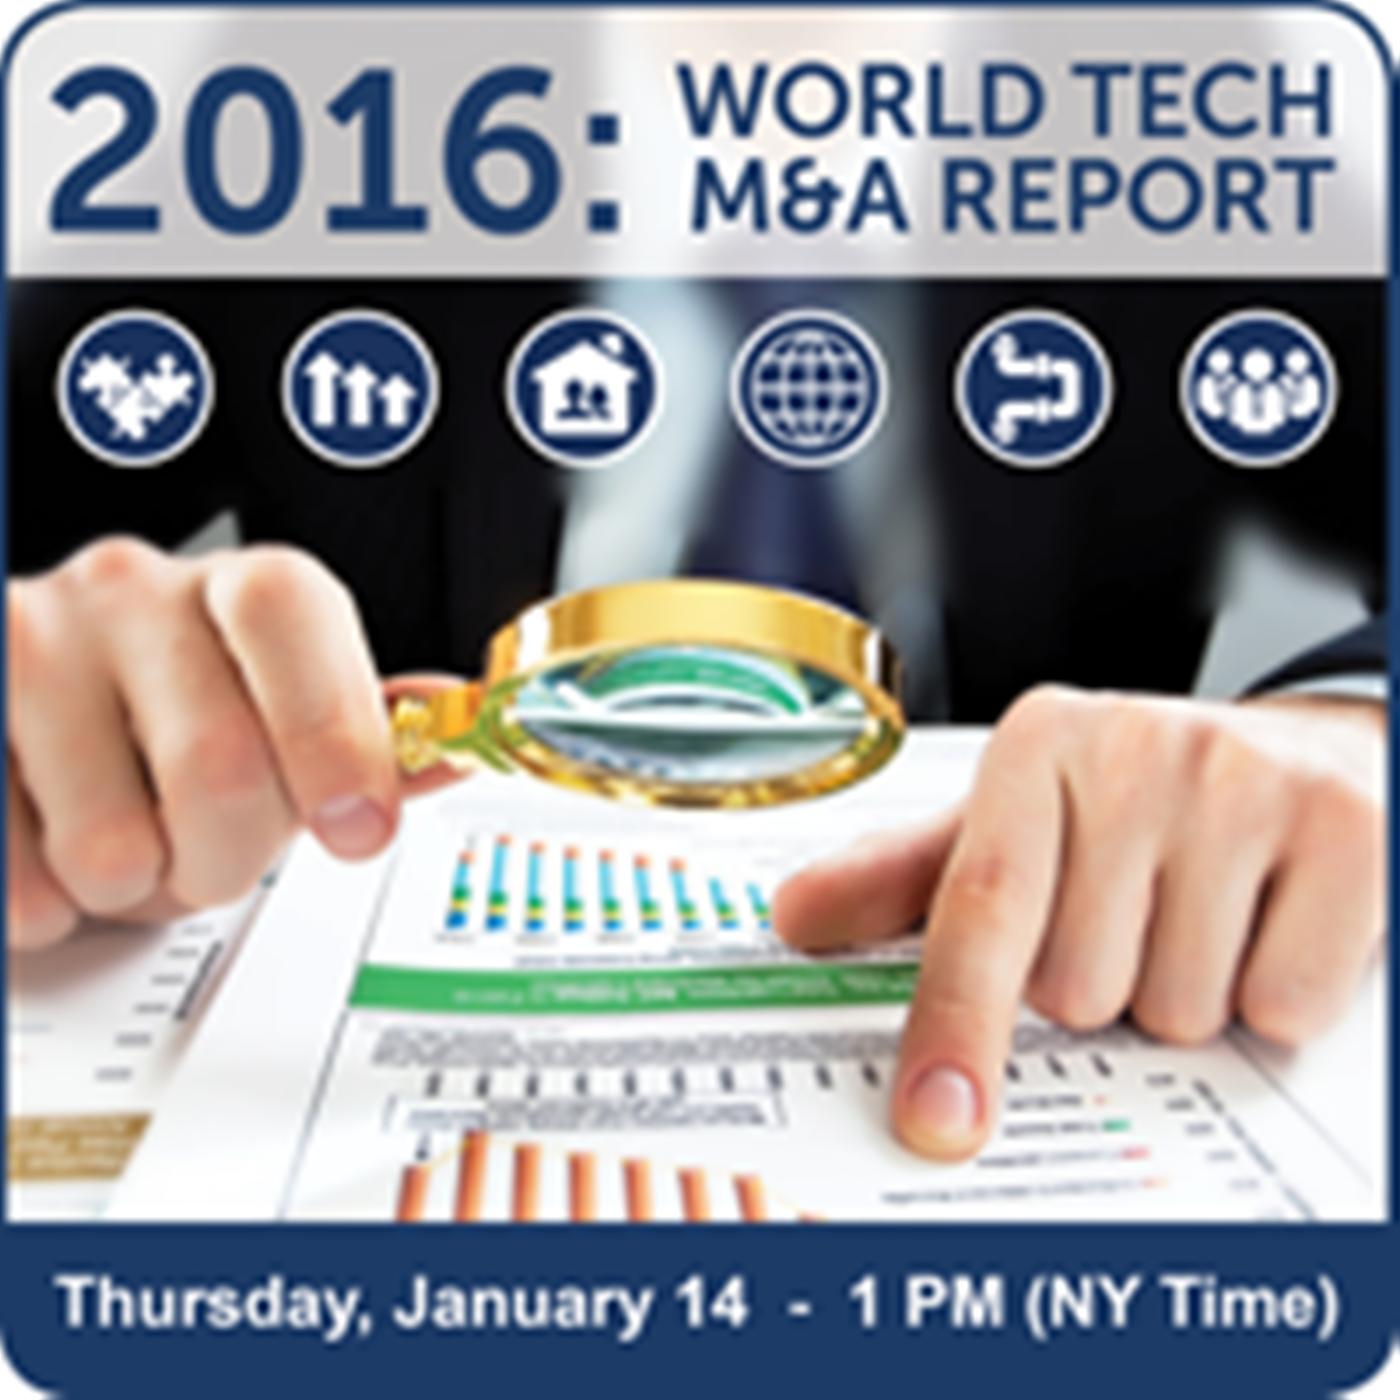 Tech M&A Annual Report: Q&A - M&A in China